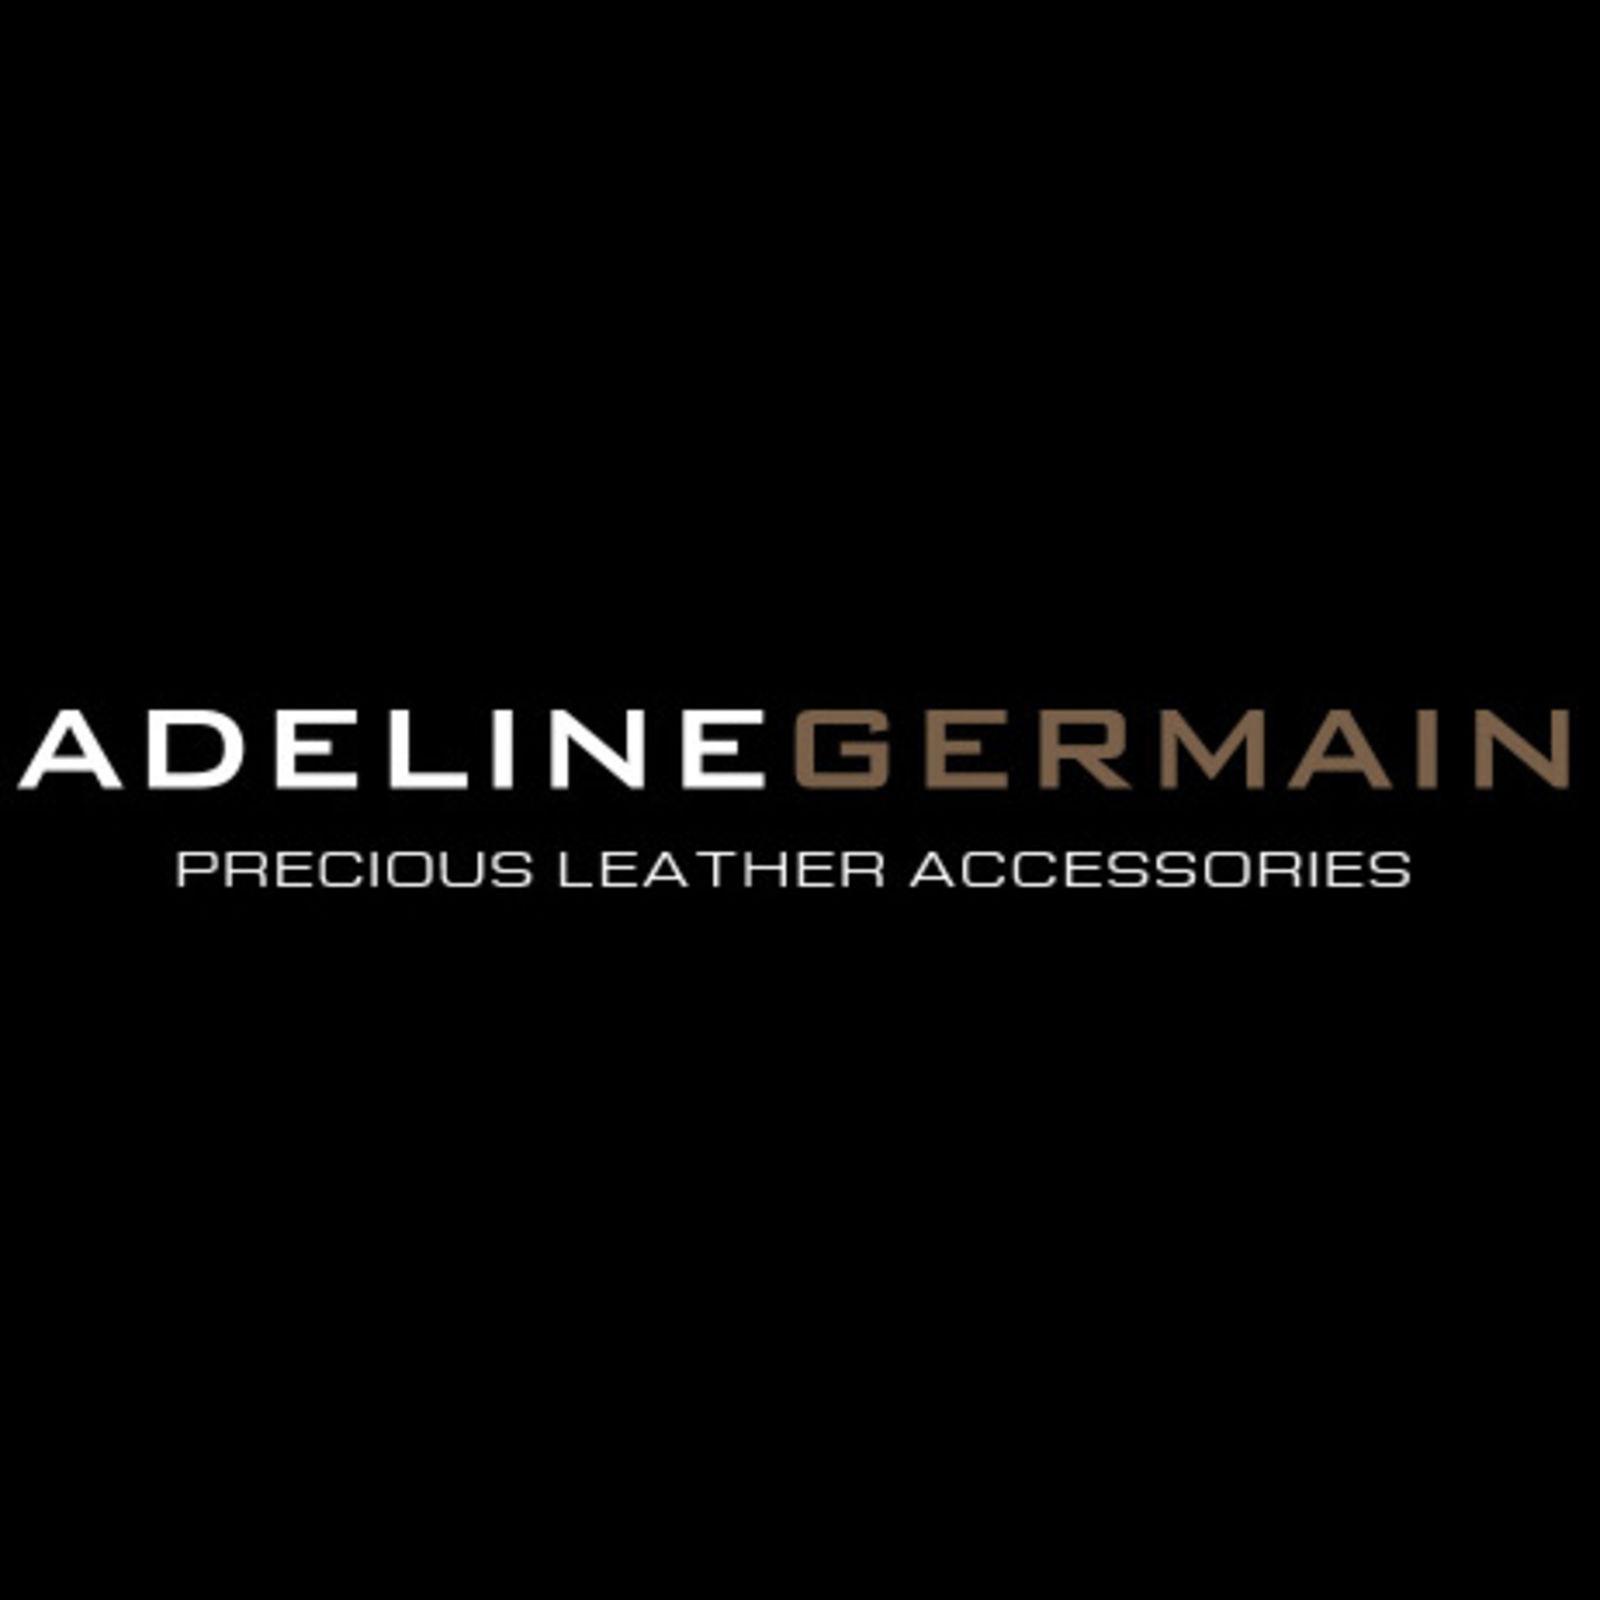 ADELINE GERMAIN